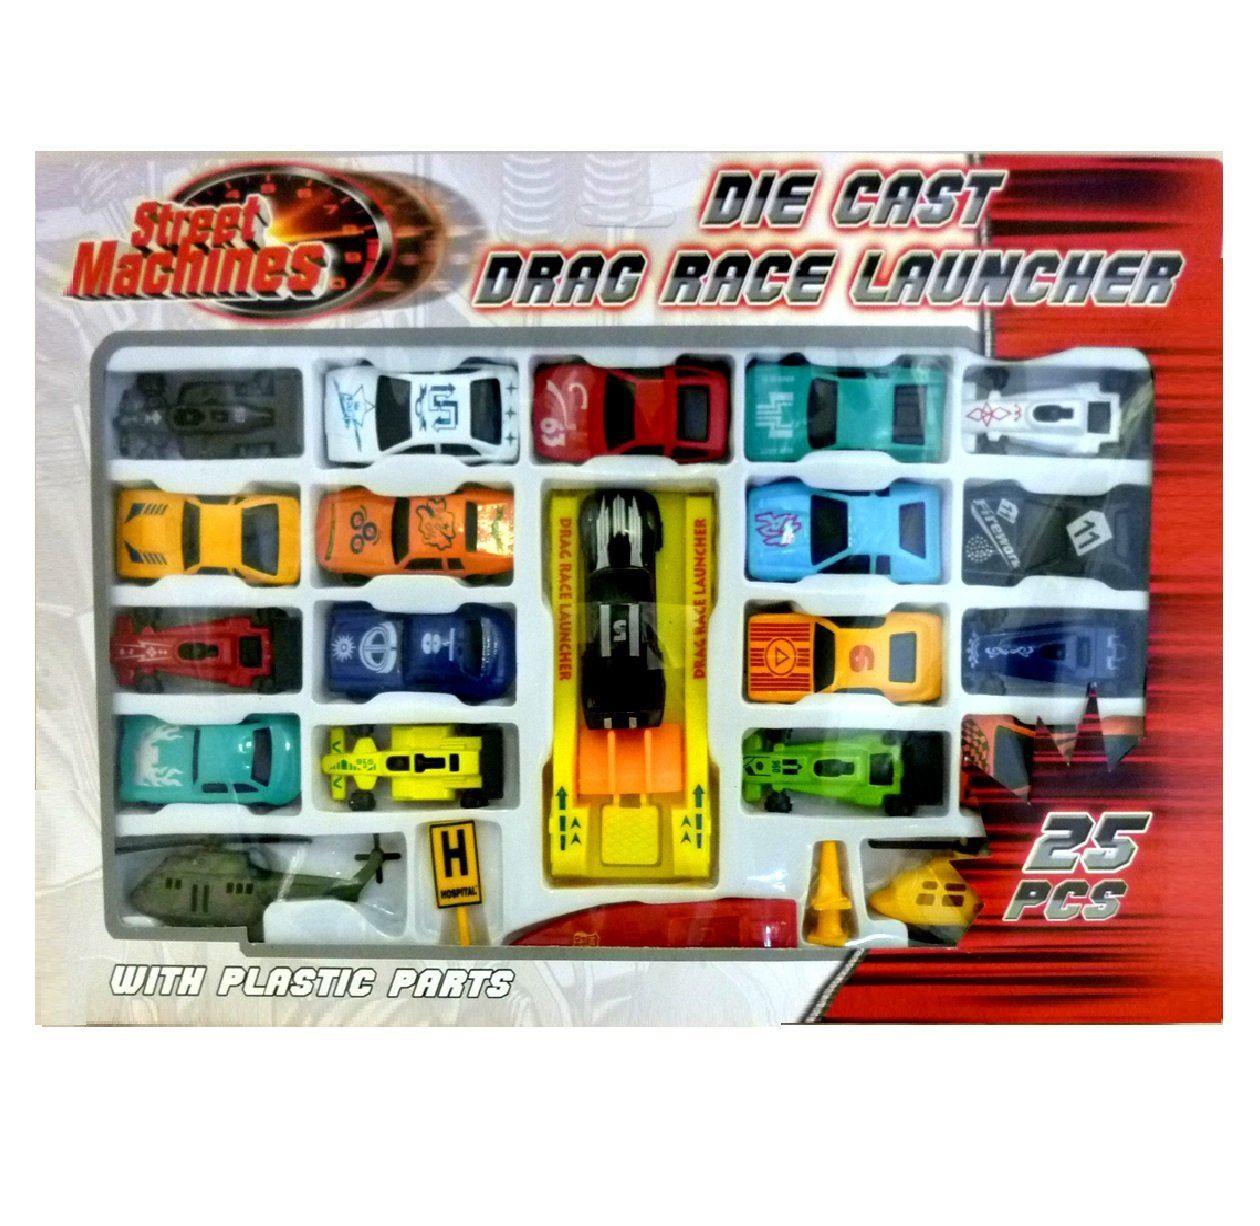 Die Cast Car Racing Race F1 Toy Play Metal Mini Vehicle